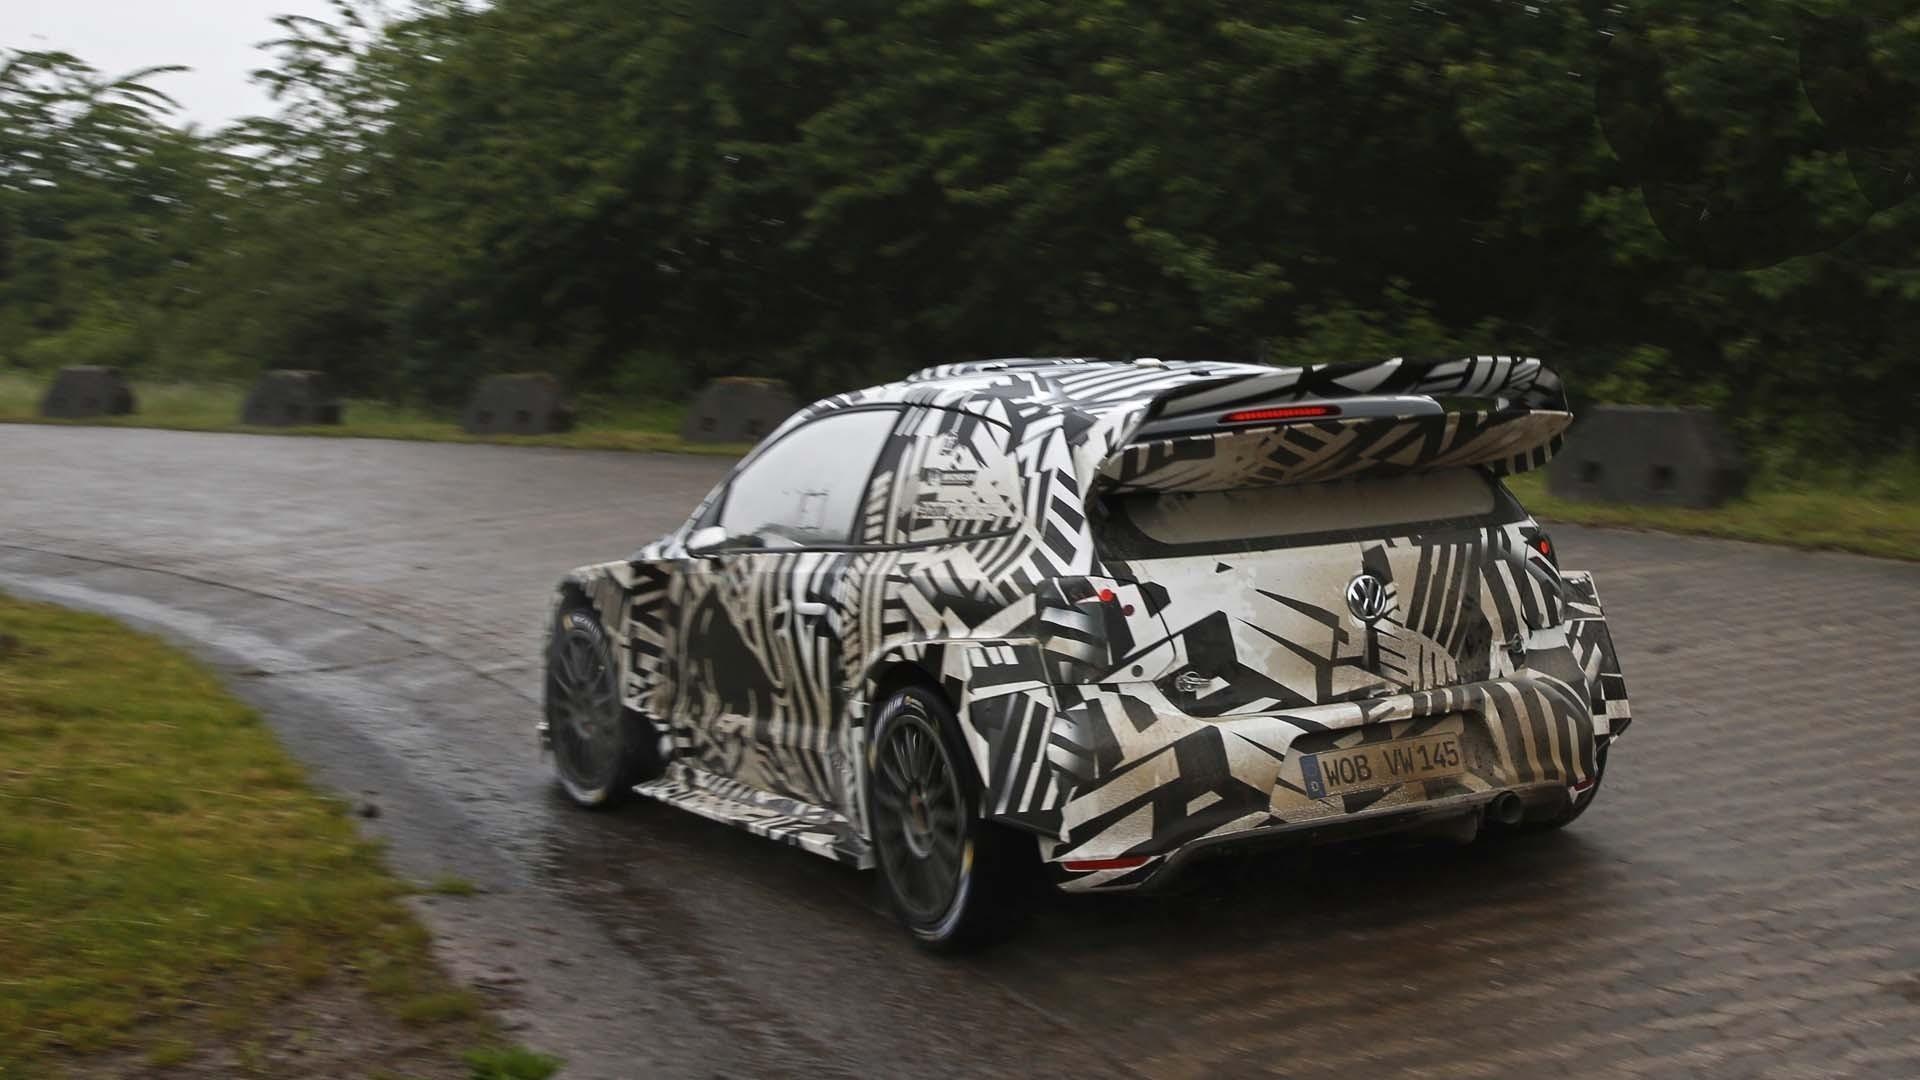 Машина от Volkswagen пока красуется в камуфляже